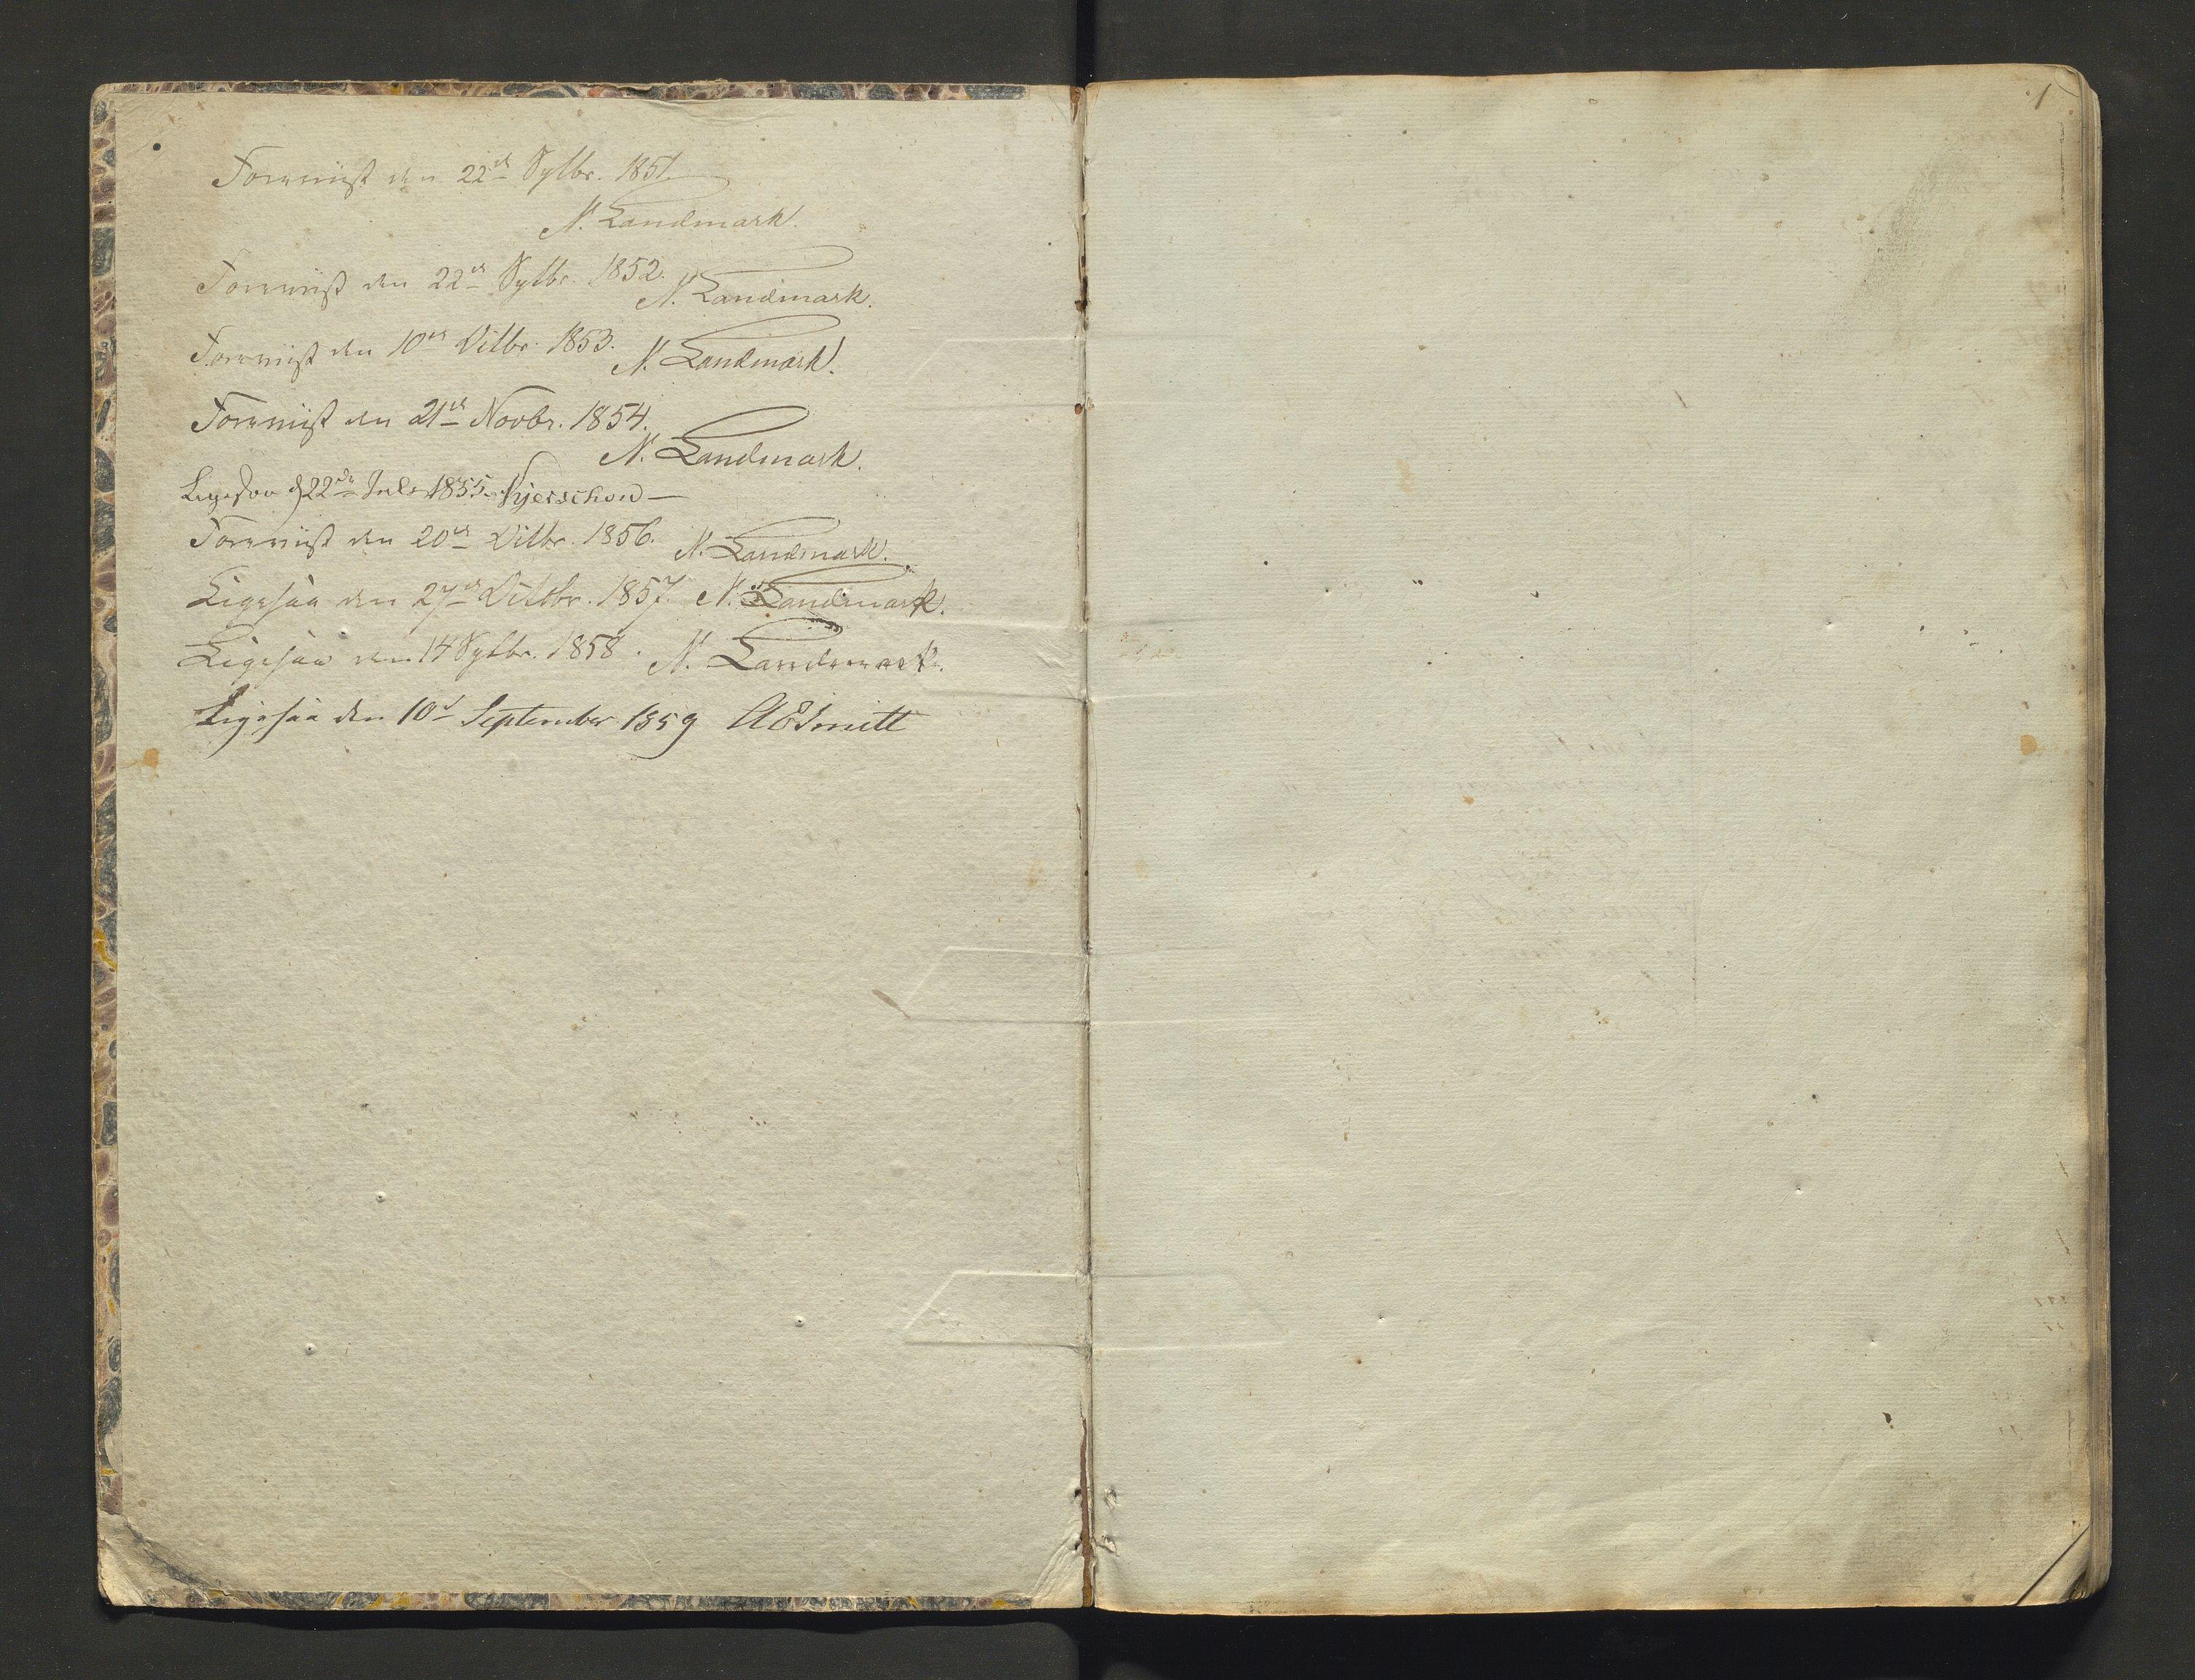 IKAH, Strandebarm kommune. Barneskulane, F/Fa/L0001: Skuleprotokoll for Bru, Berge, Skogasæl, Tangerås, Håbrekke, Fosse, Brekke og Lillefoss krinsar, 1851-1858